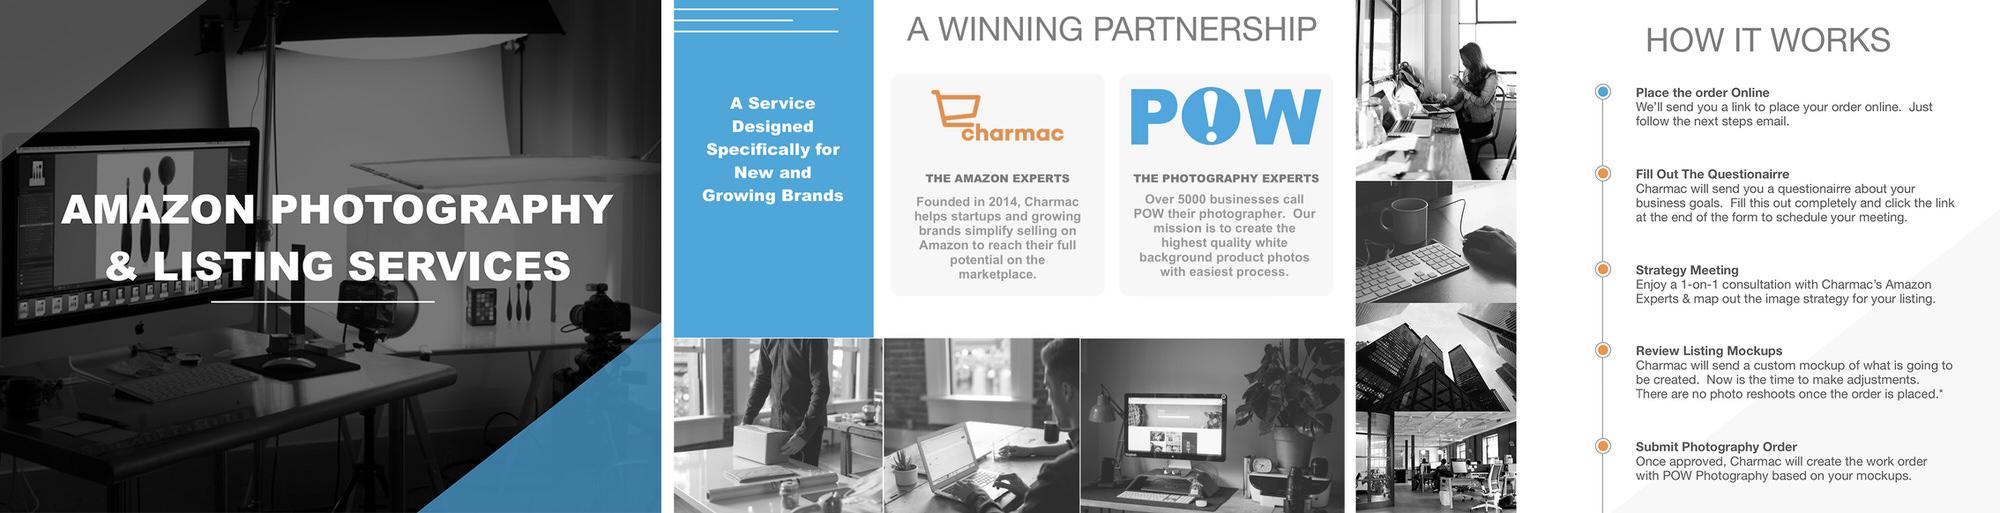 Amazon Product Photography Example-1.jpg